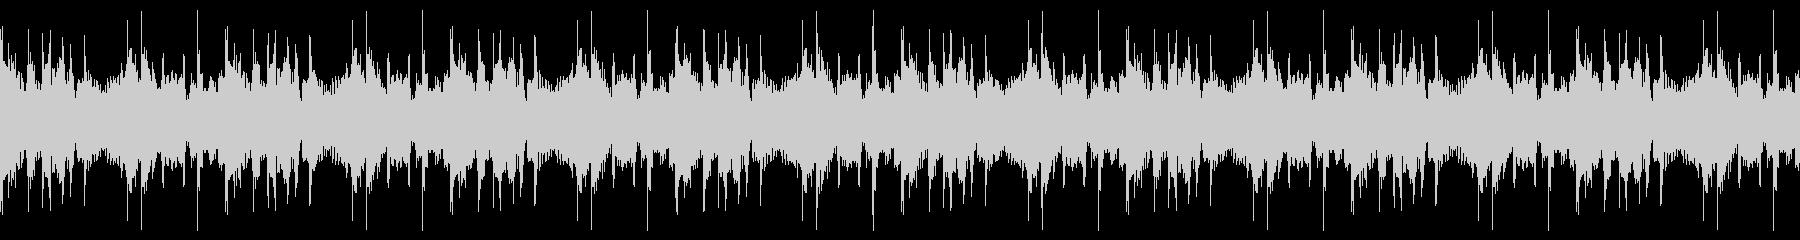 軌道ループ4の未再生の波形